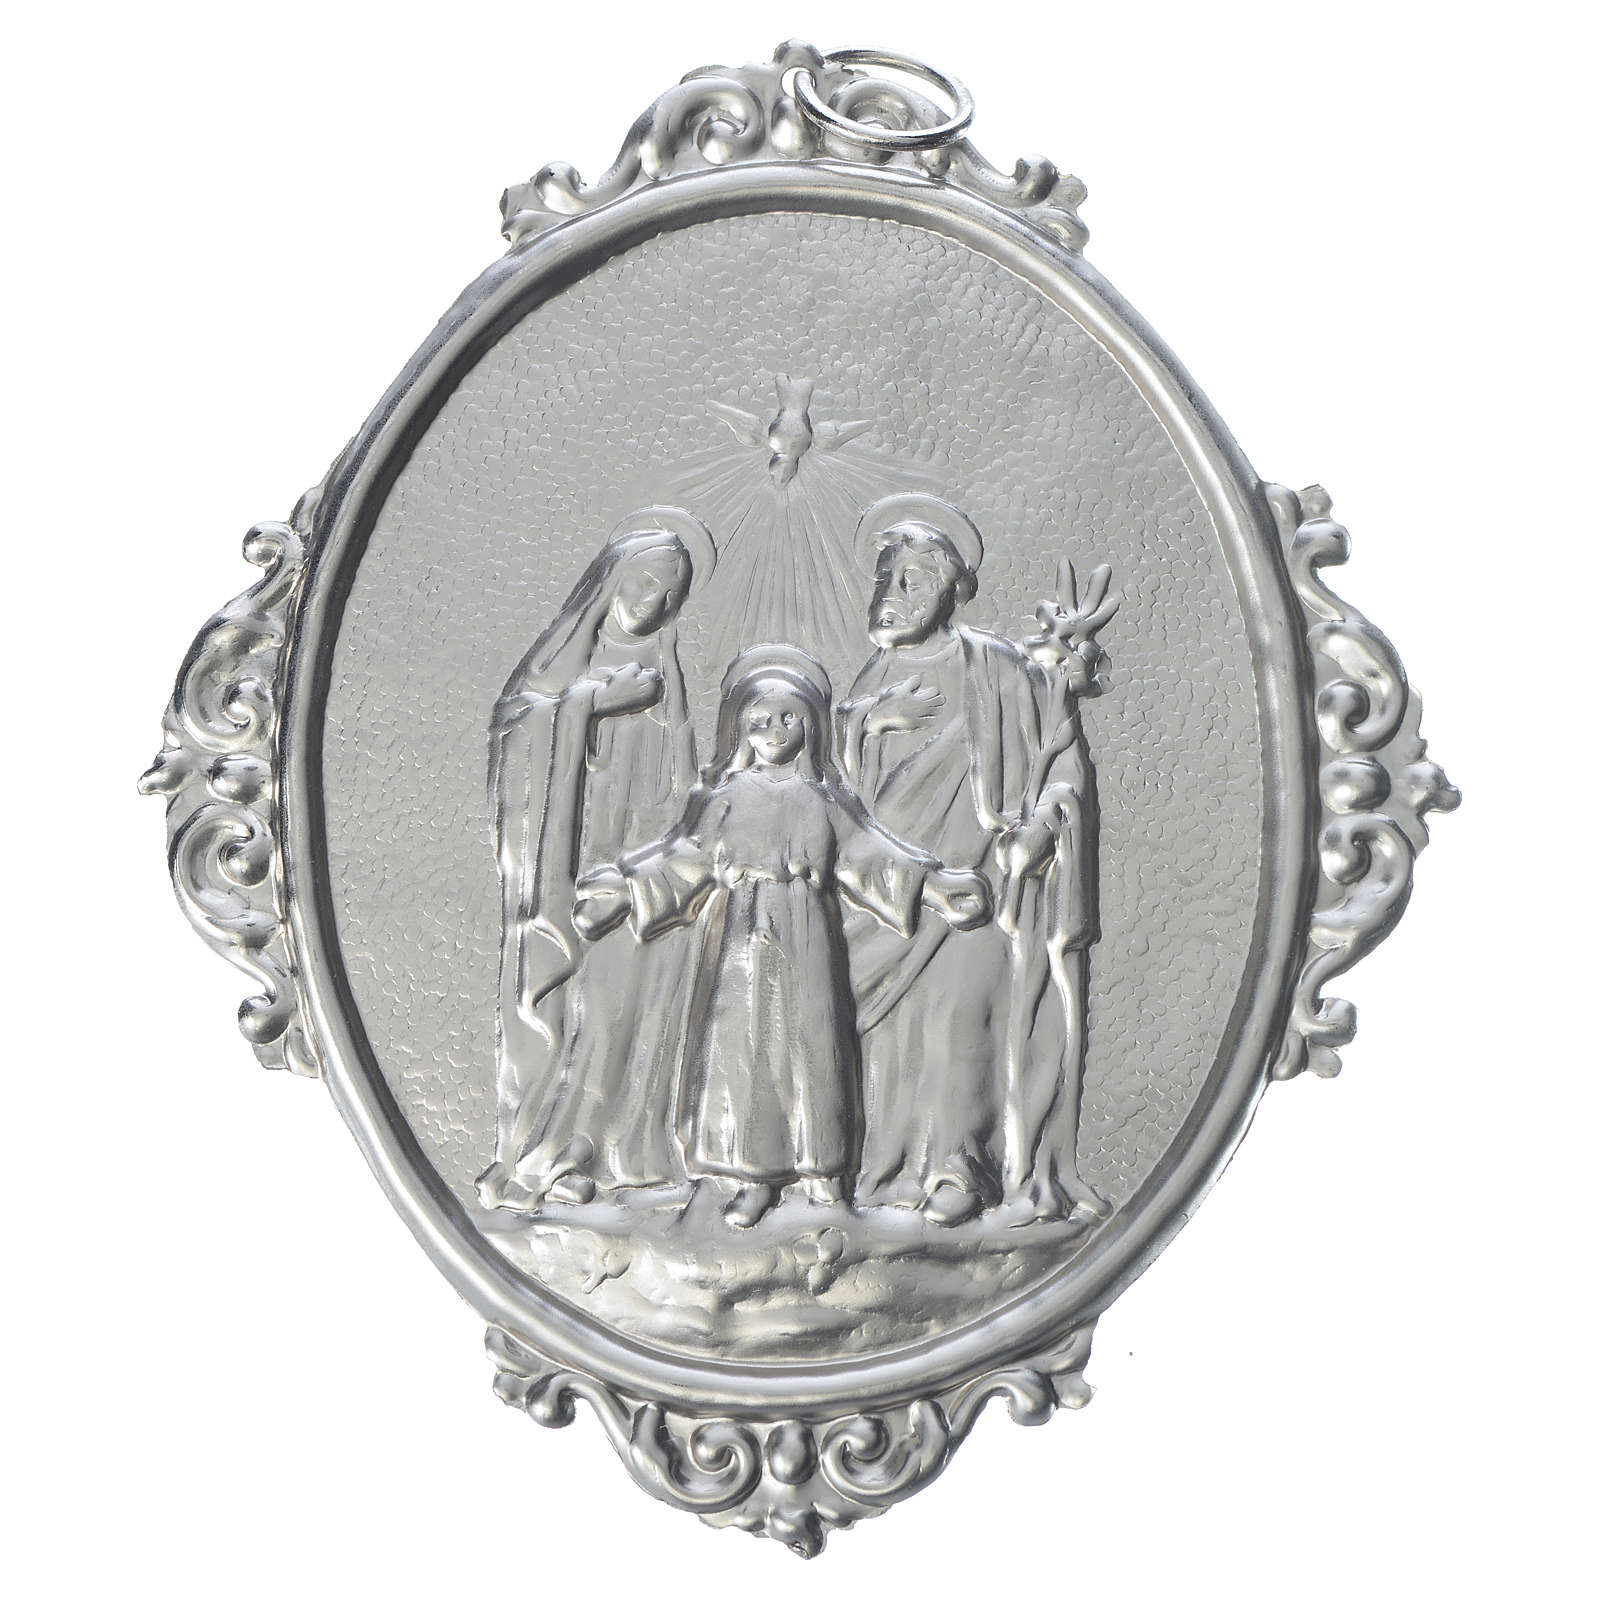 Medaglione Confraternite Sacra Famiglia ottone 3